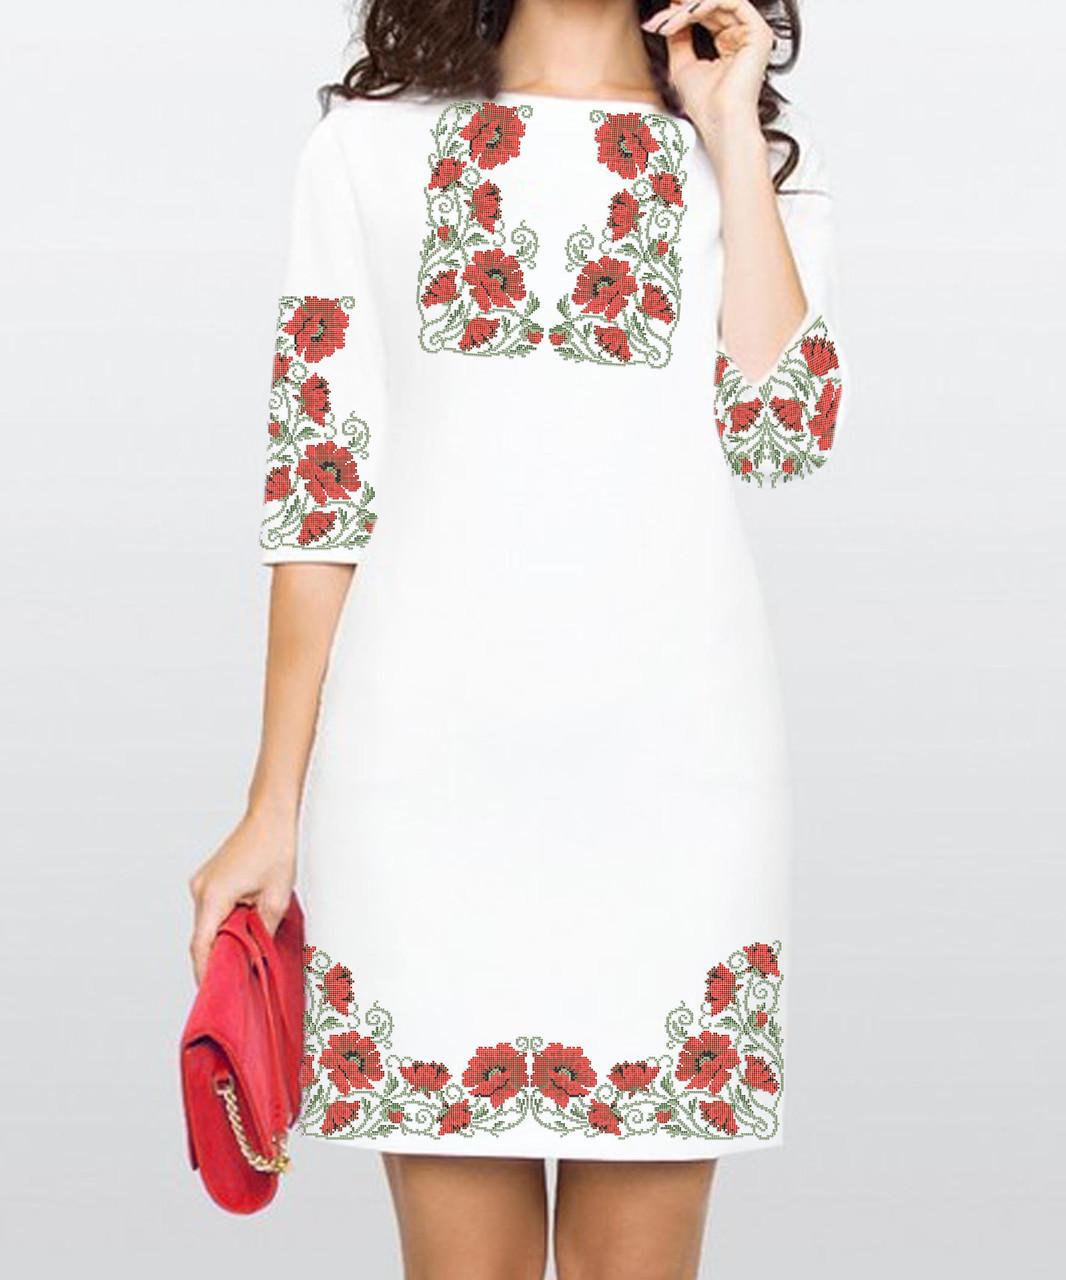 Заготовка жіночого плаття чи сукні для вишивки та вишивання бісером Бисерок  «Маки в орнаменті 27 354d189cb0044